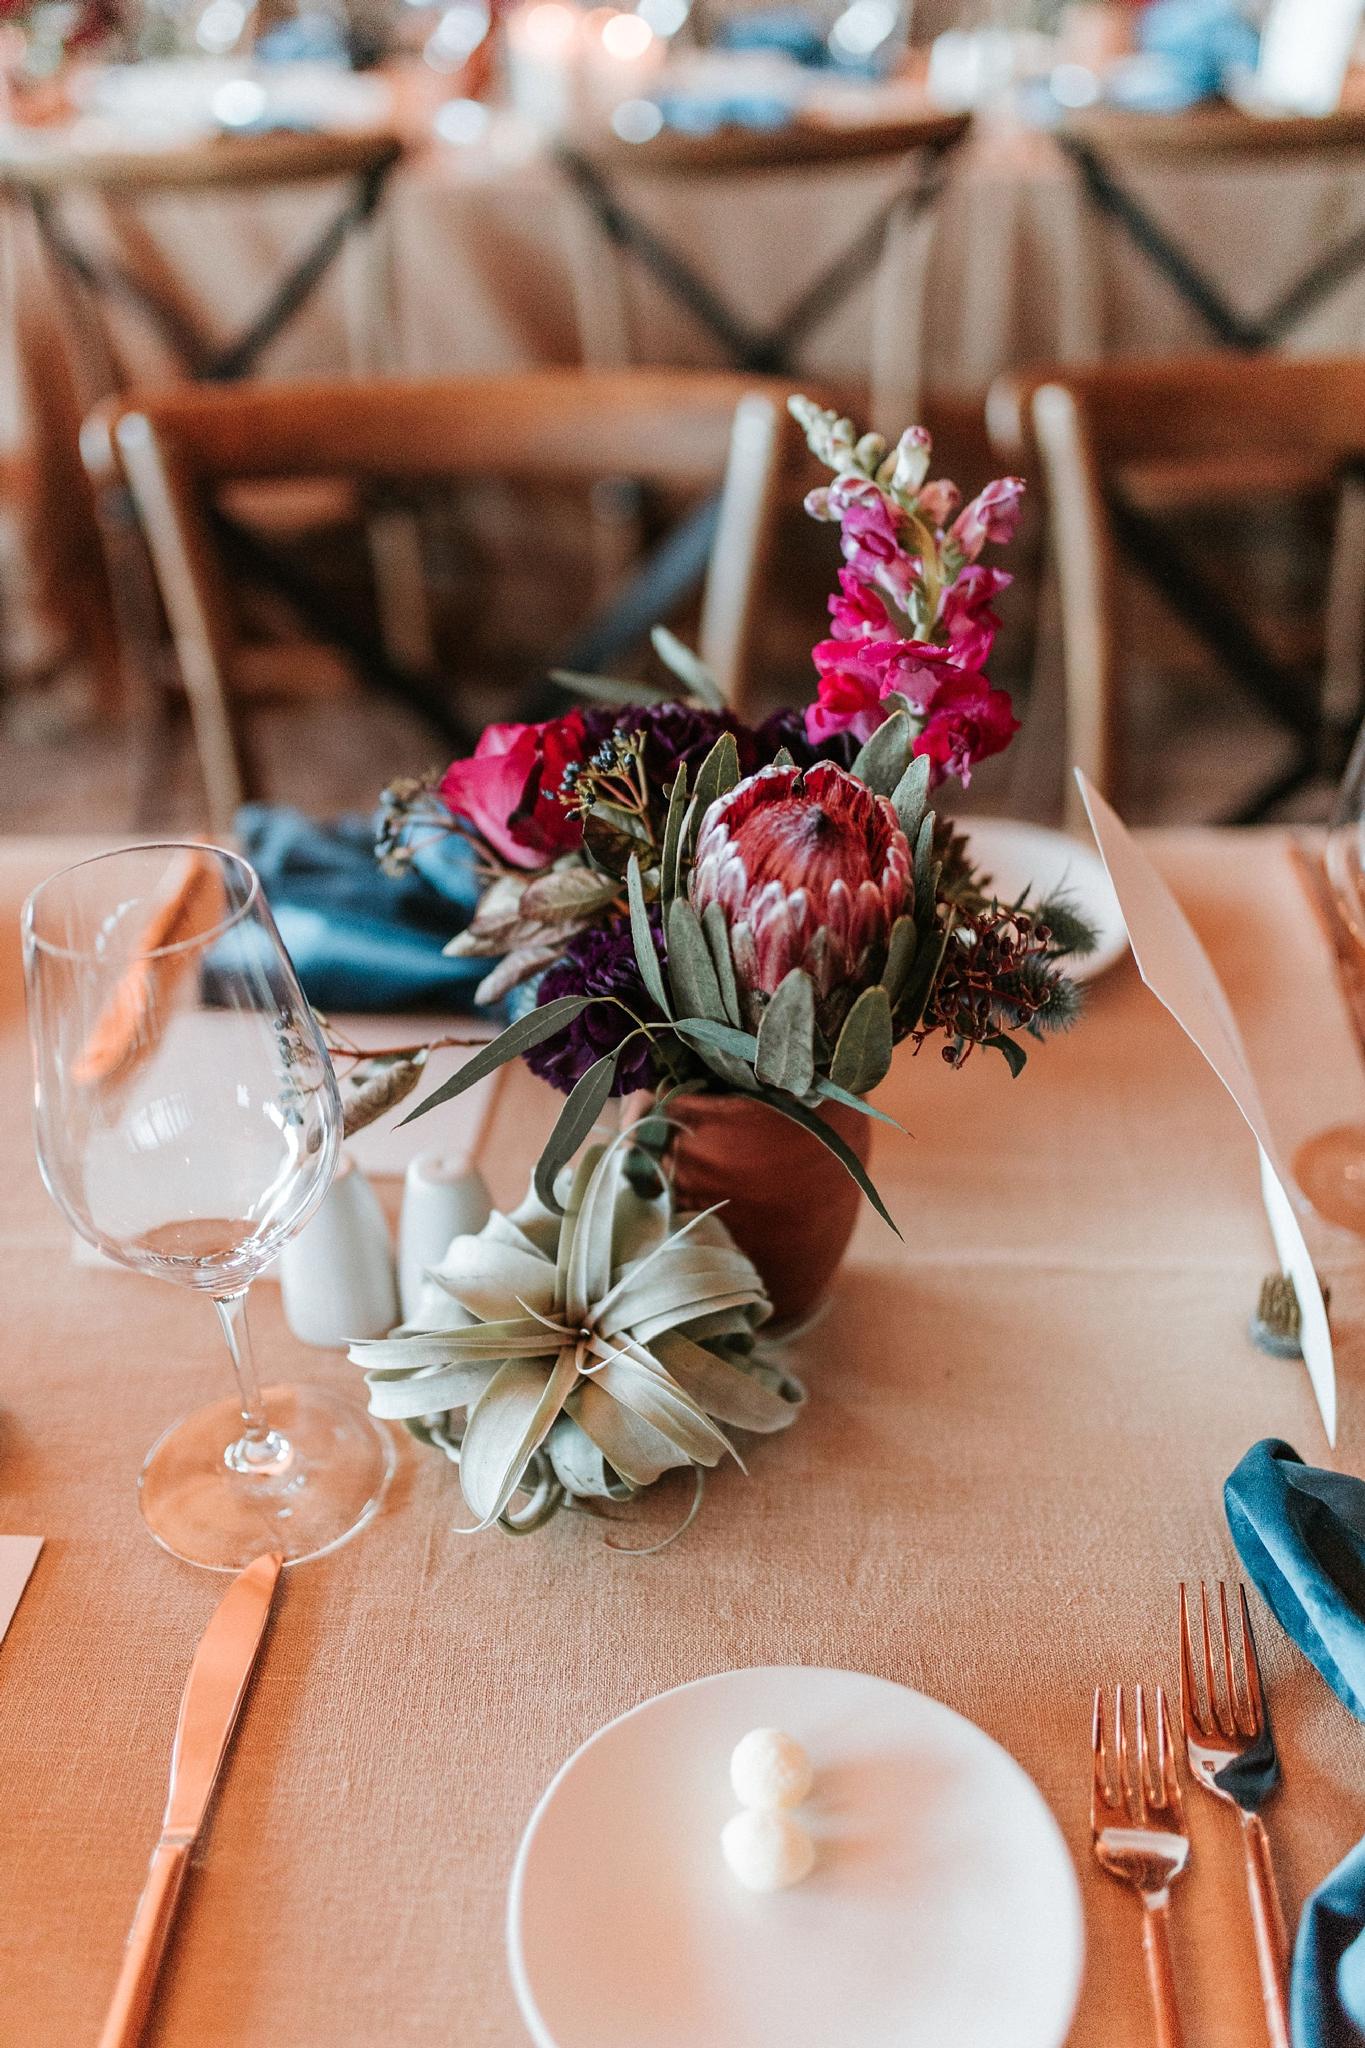 Alicia+lucia+photography+-+albuquerque+wedding+photographer+-+santa+fe+wedding+photography+-+new+mexico+wedding+photographer+-+new+mexico+wedding+-+new+mexico+florist+-+floriography+flowers+-+floriography+flowers+new+mexico+-+wedding+florist_0074.jpg